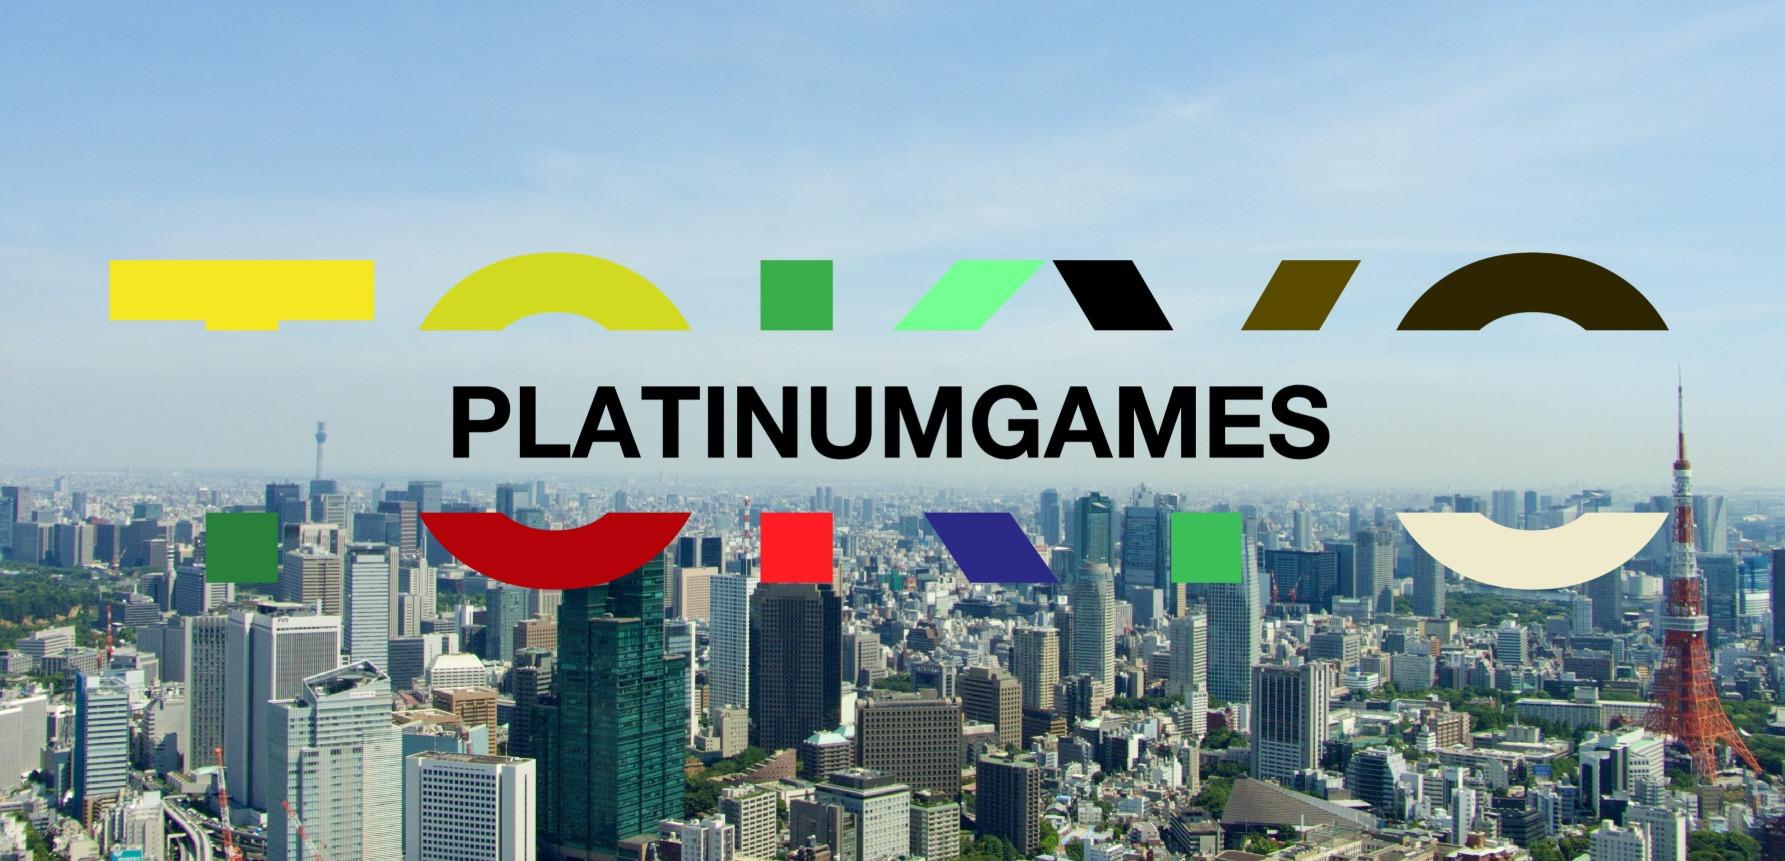 Platinum Engine: detalles de los objetivos del nuevo motor de Platinum Games